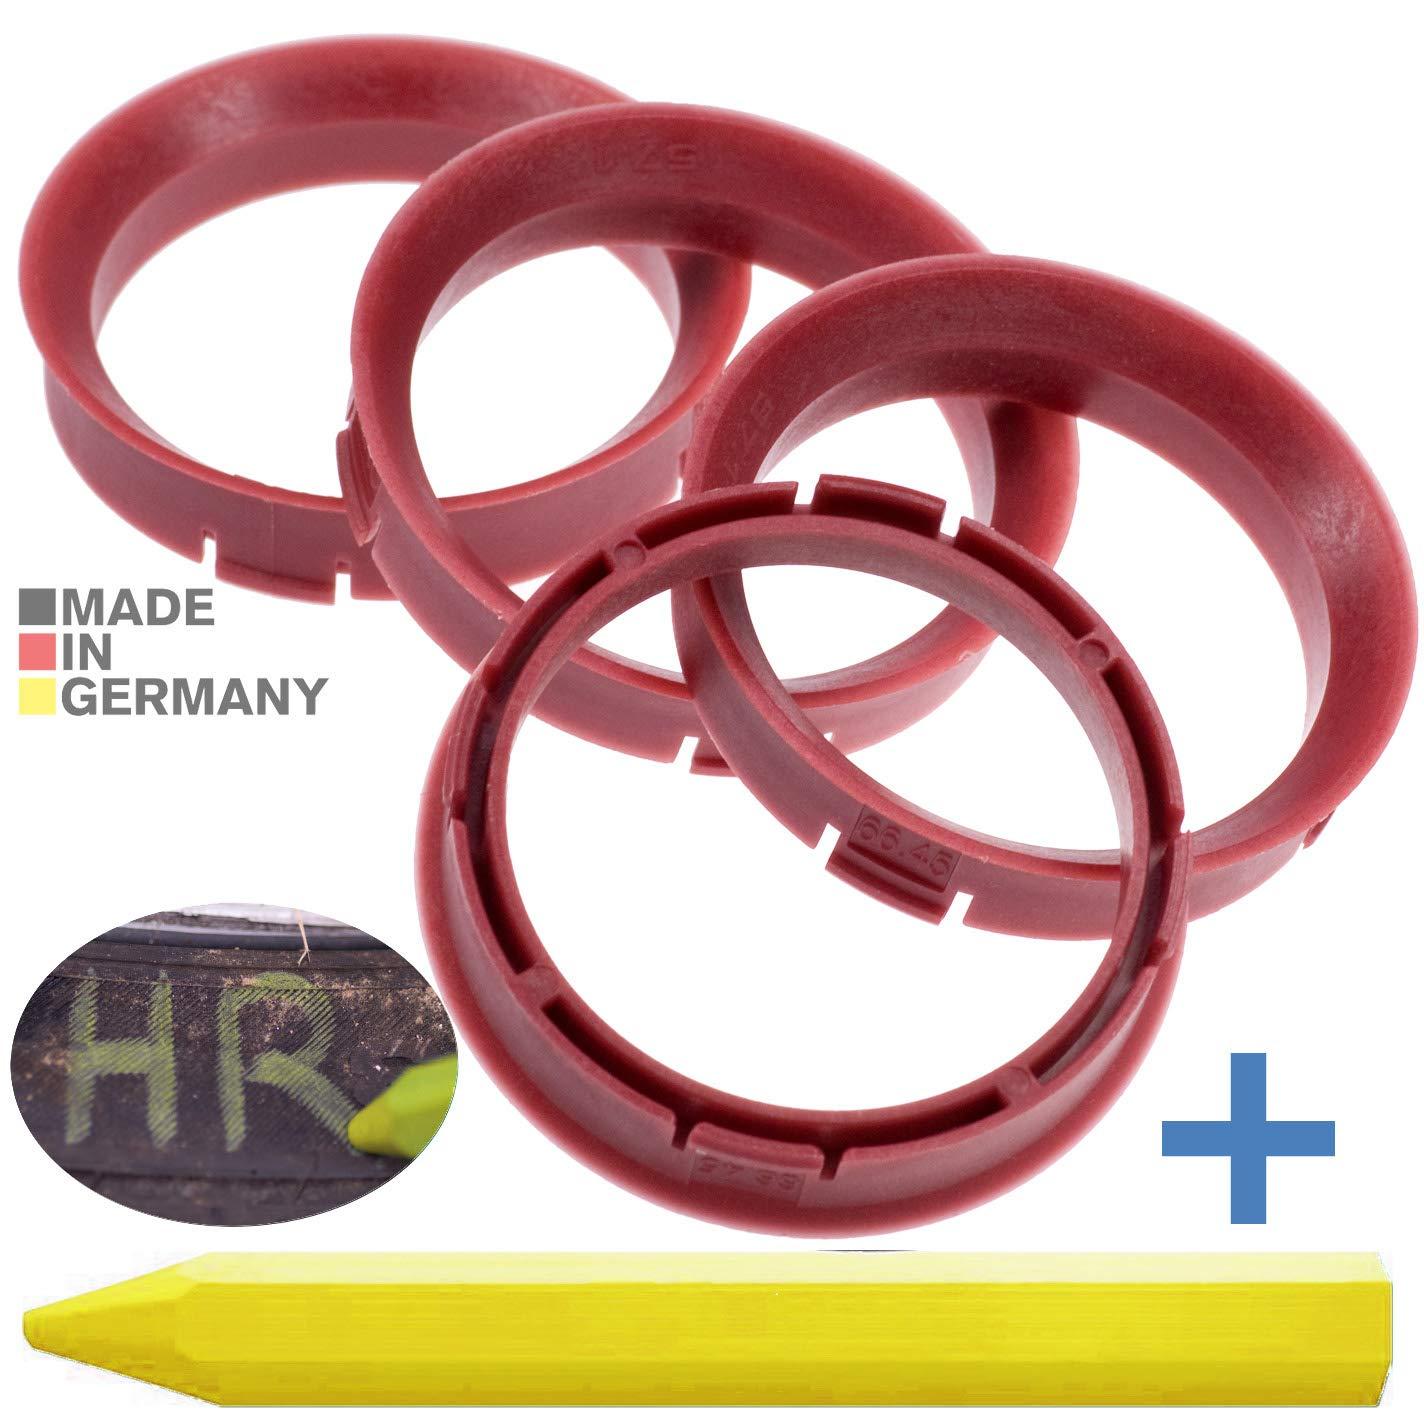 4X Anelli di centraggio Rosso 66,45 mm x 57,1 mm 1x Pastello per Gomma Pneumatici in Verde Prodotto in Germania